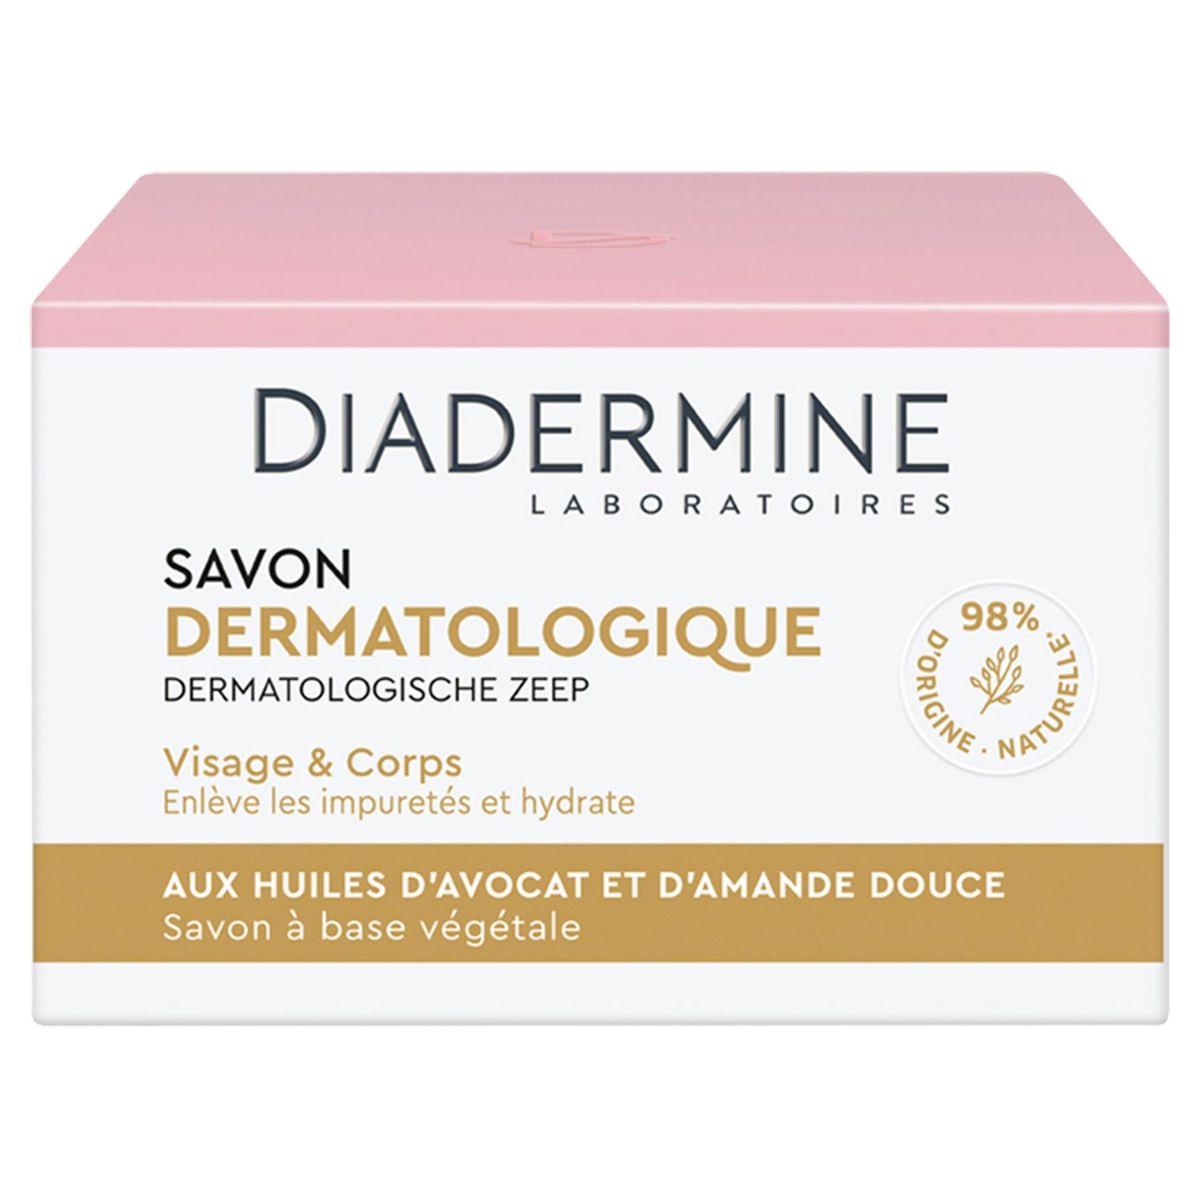 Diadermine Savon Dermatologique 100 g